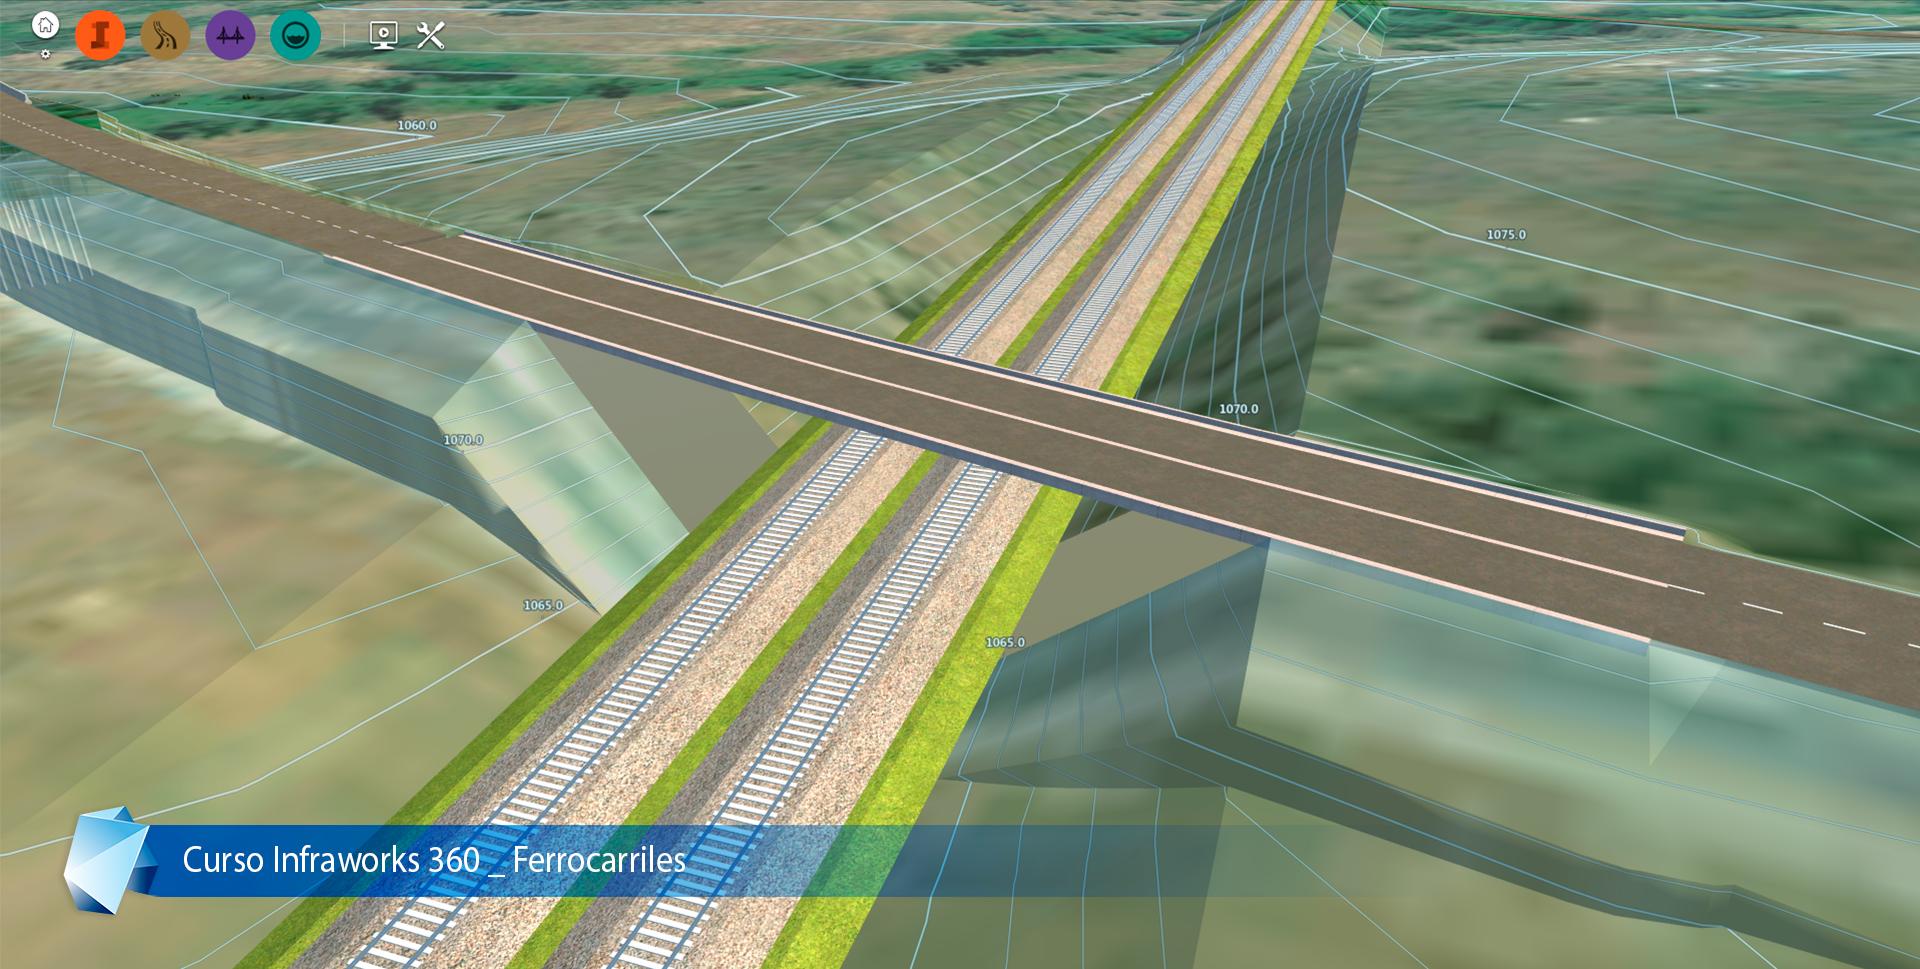 proyectos-infraworks-1-editeca